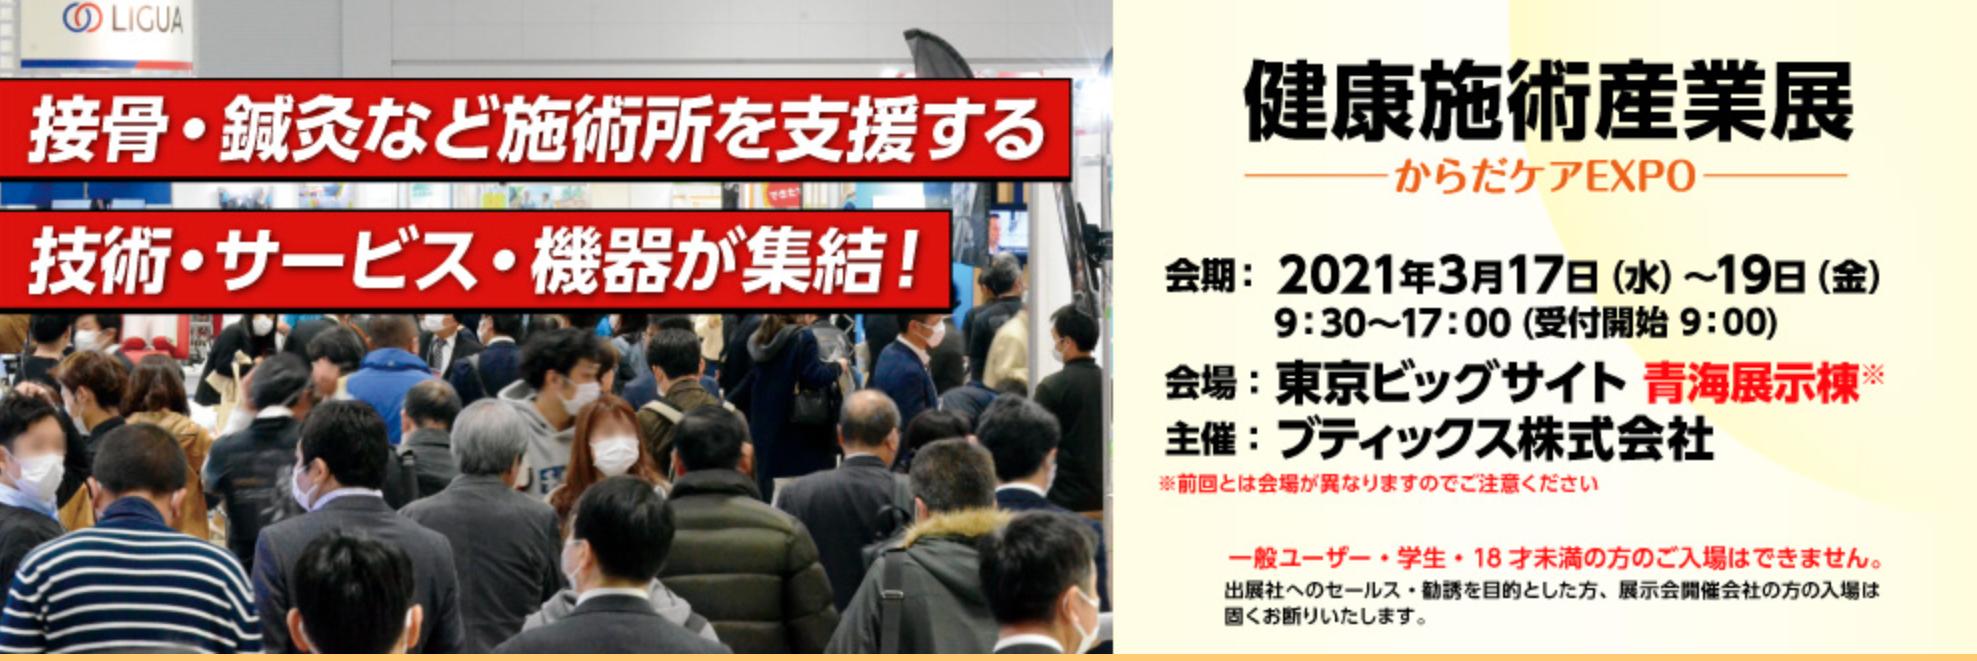 健康施術産業展〜大阪